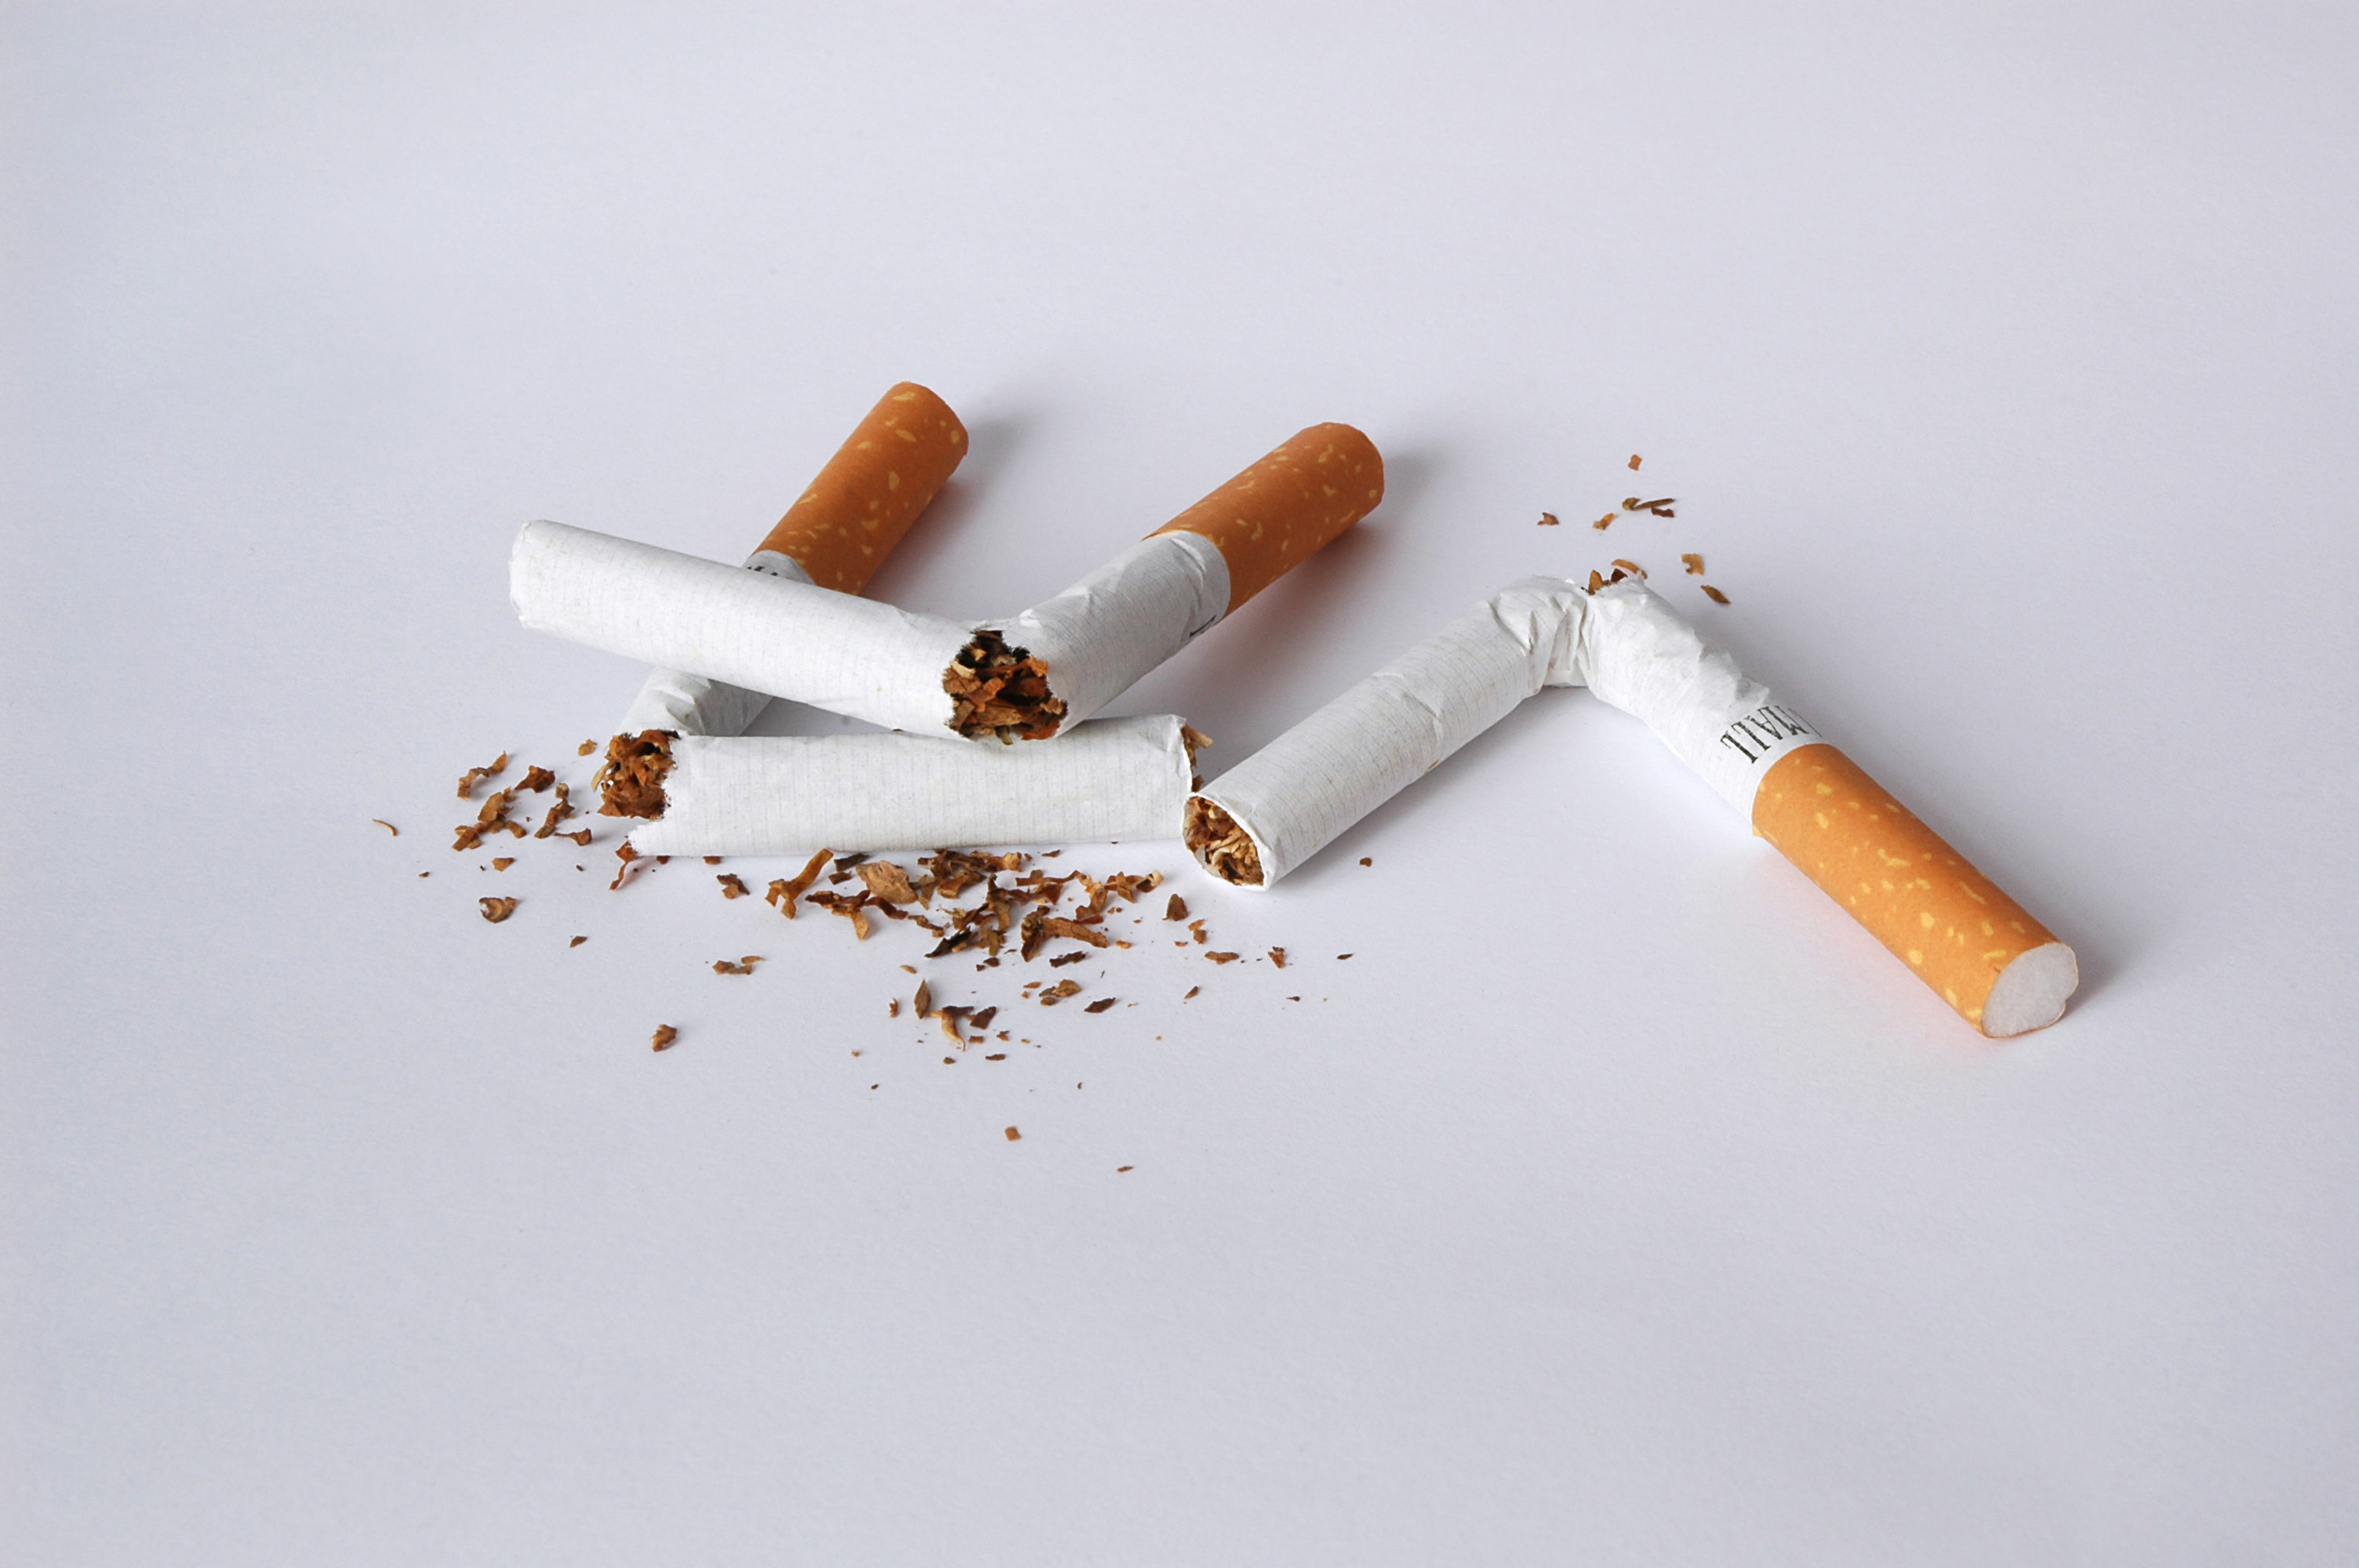 vágáskor leszokhat a dohányzásról